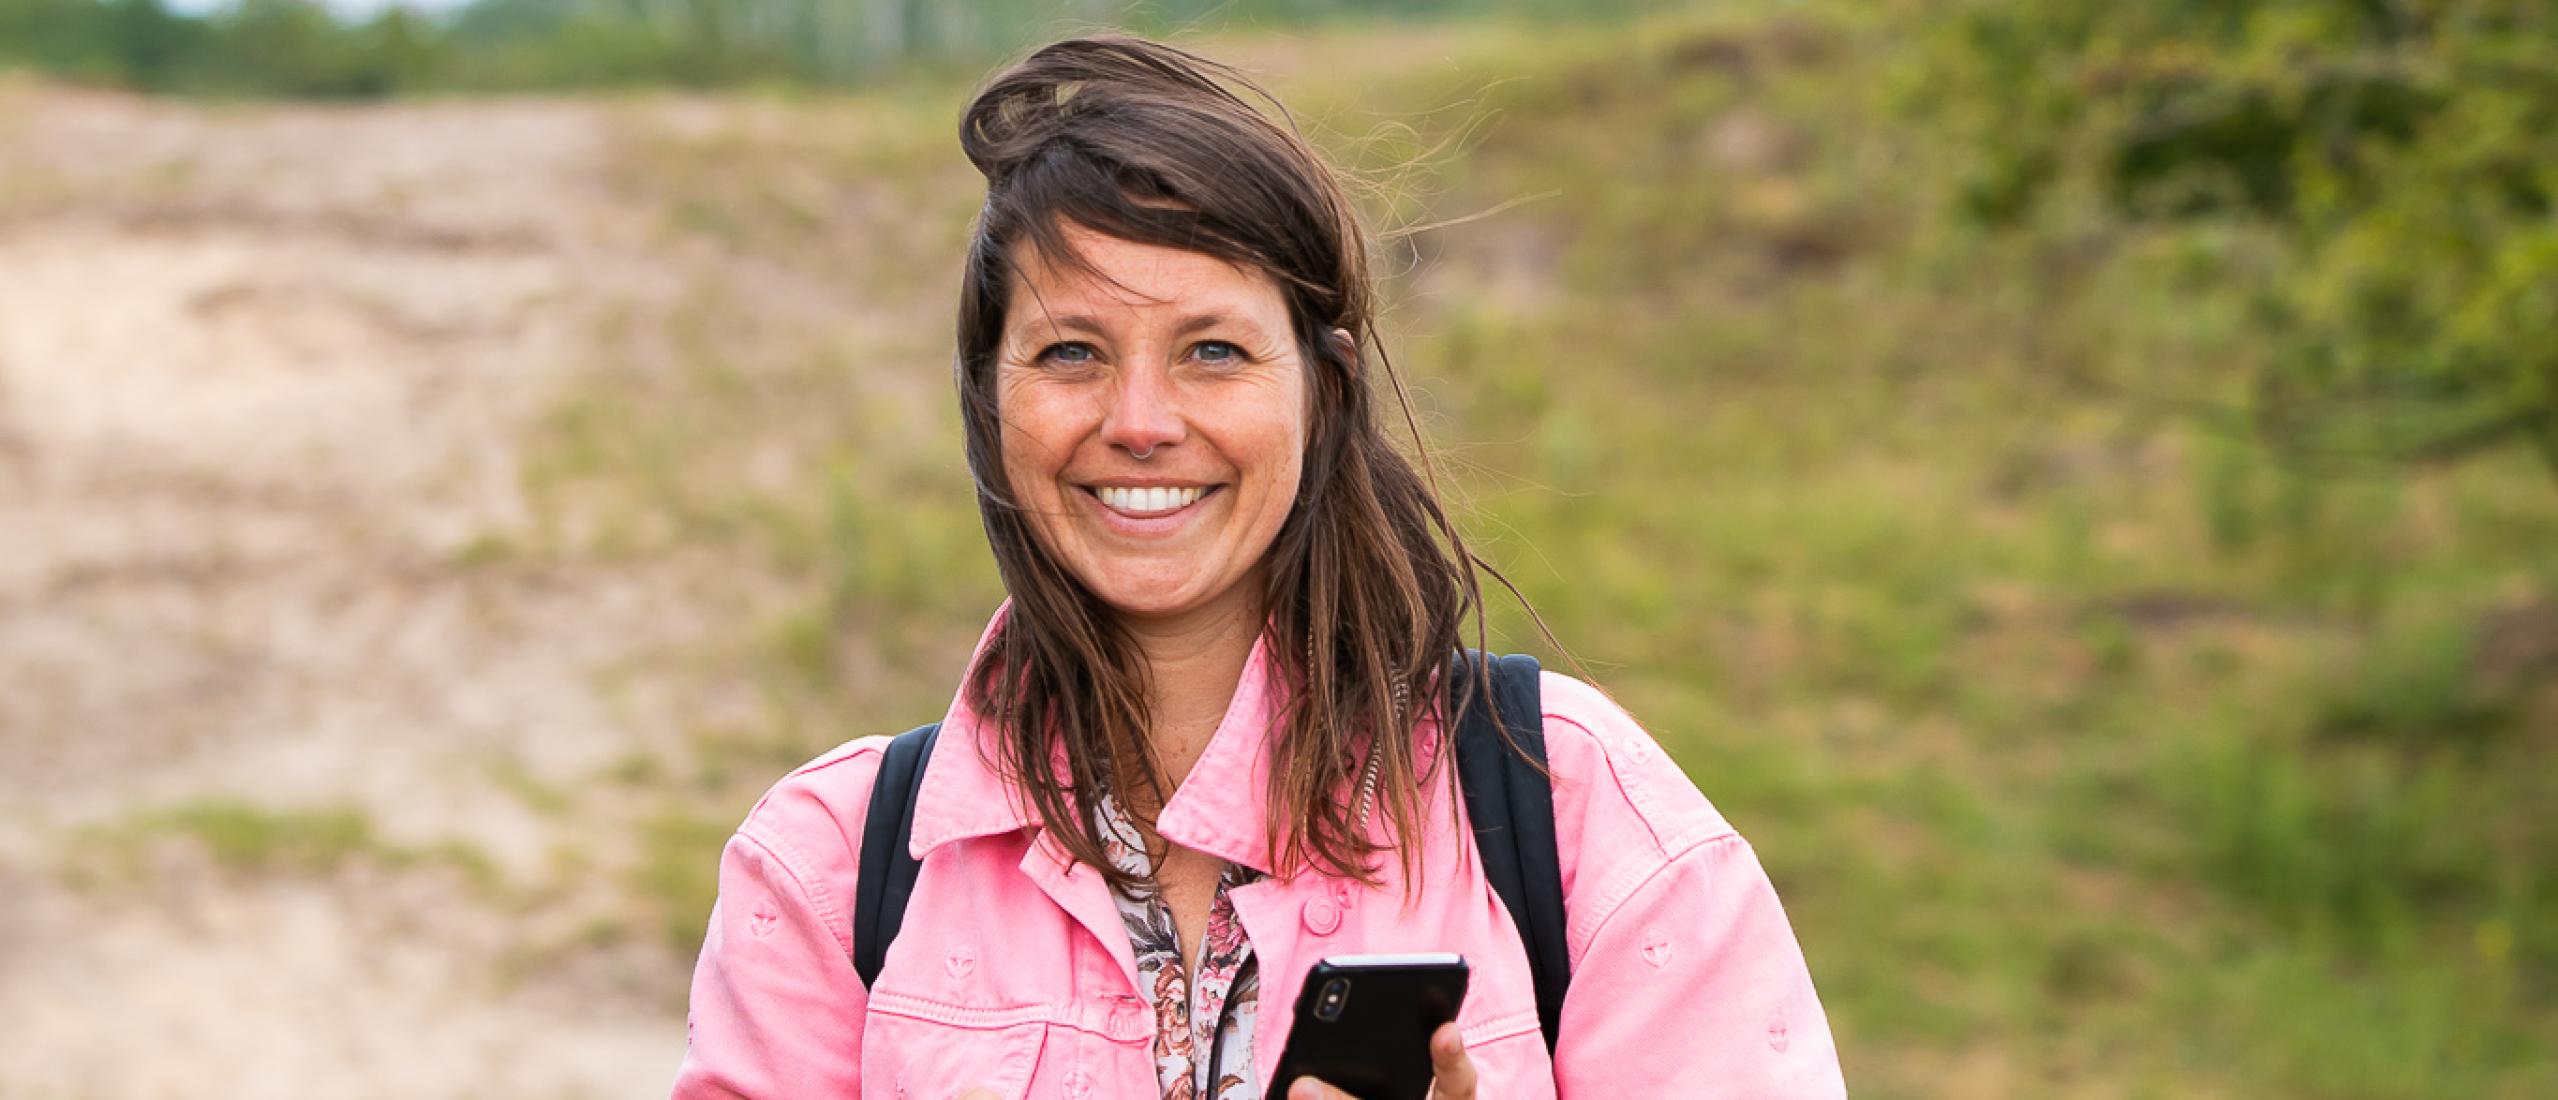 Meet The Team: Alex over de ontdekkingsreis naar haar missie om de wereld van werken te veranderen